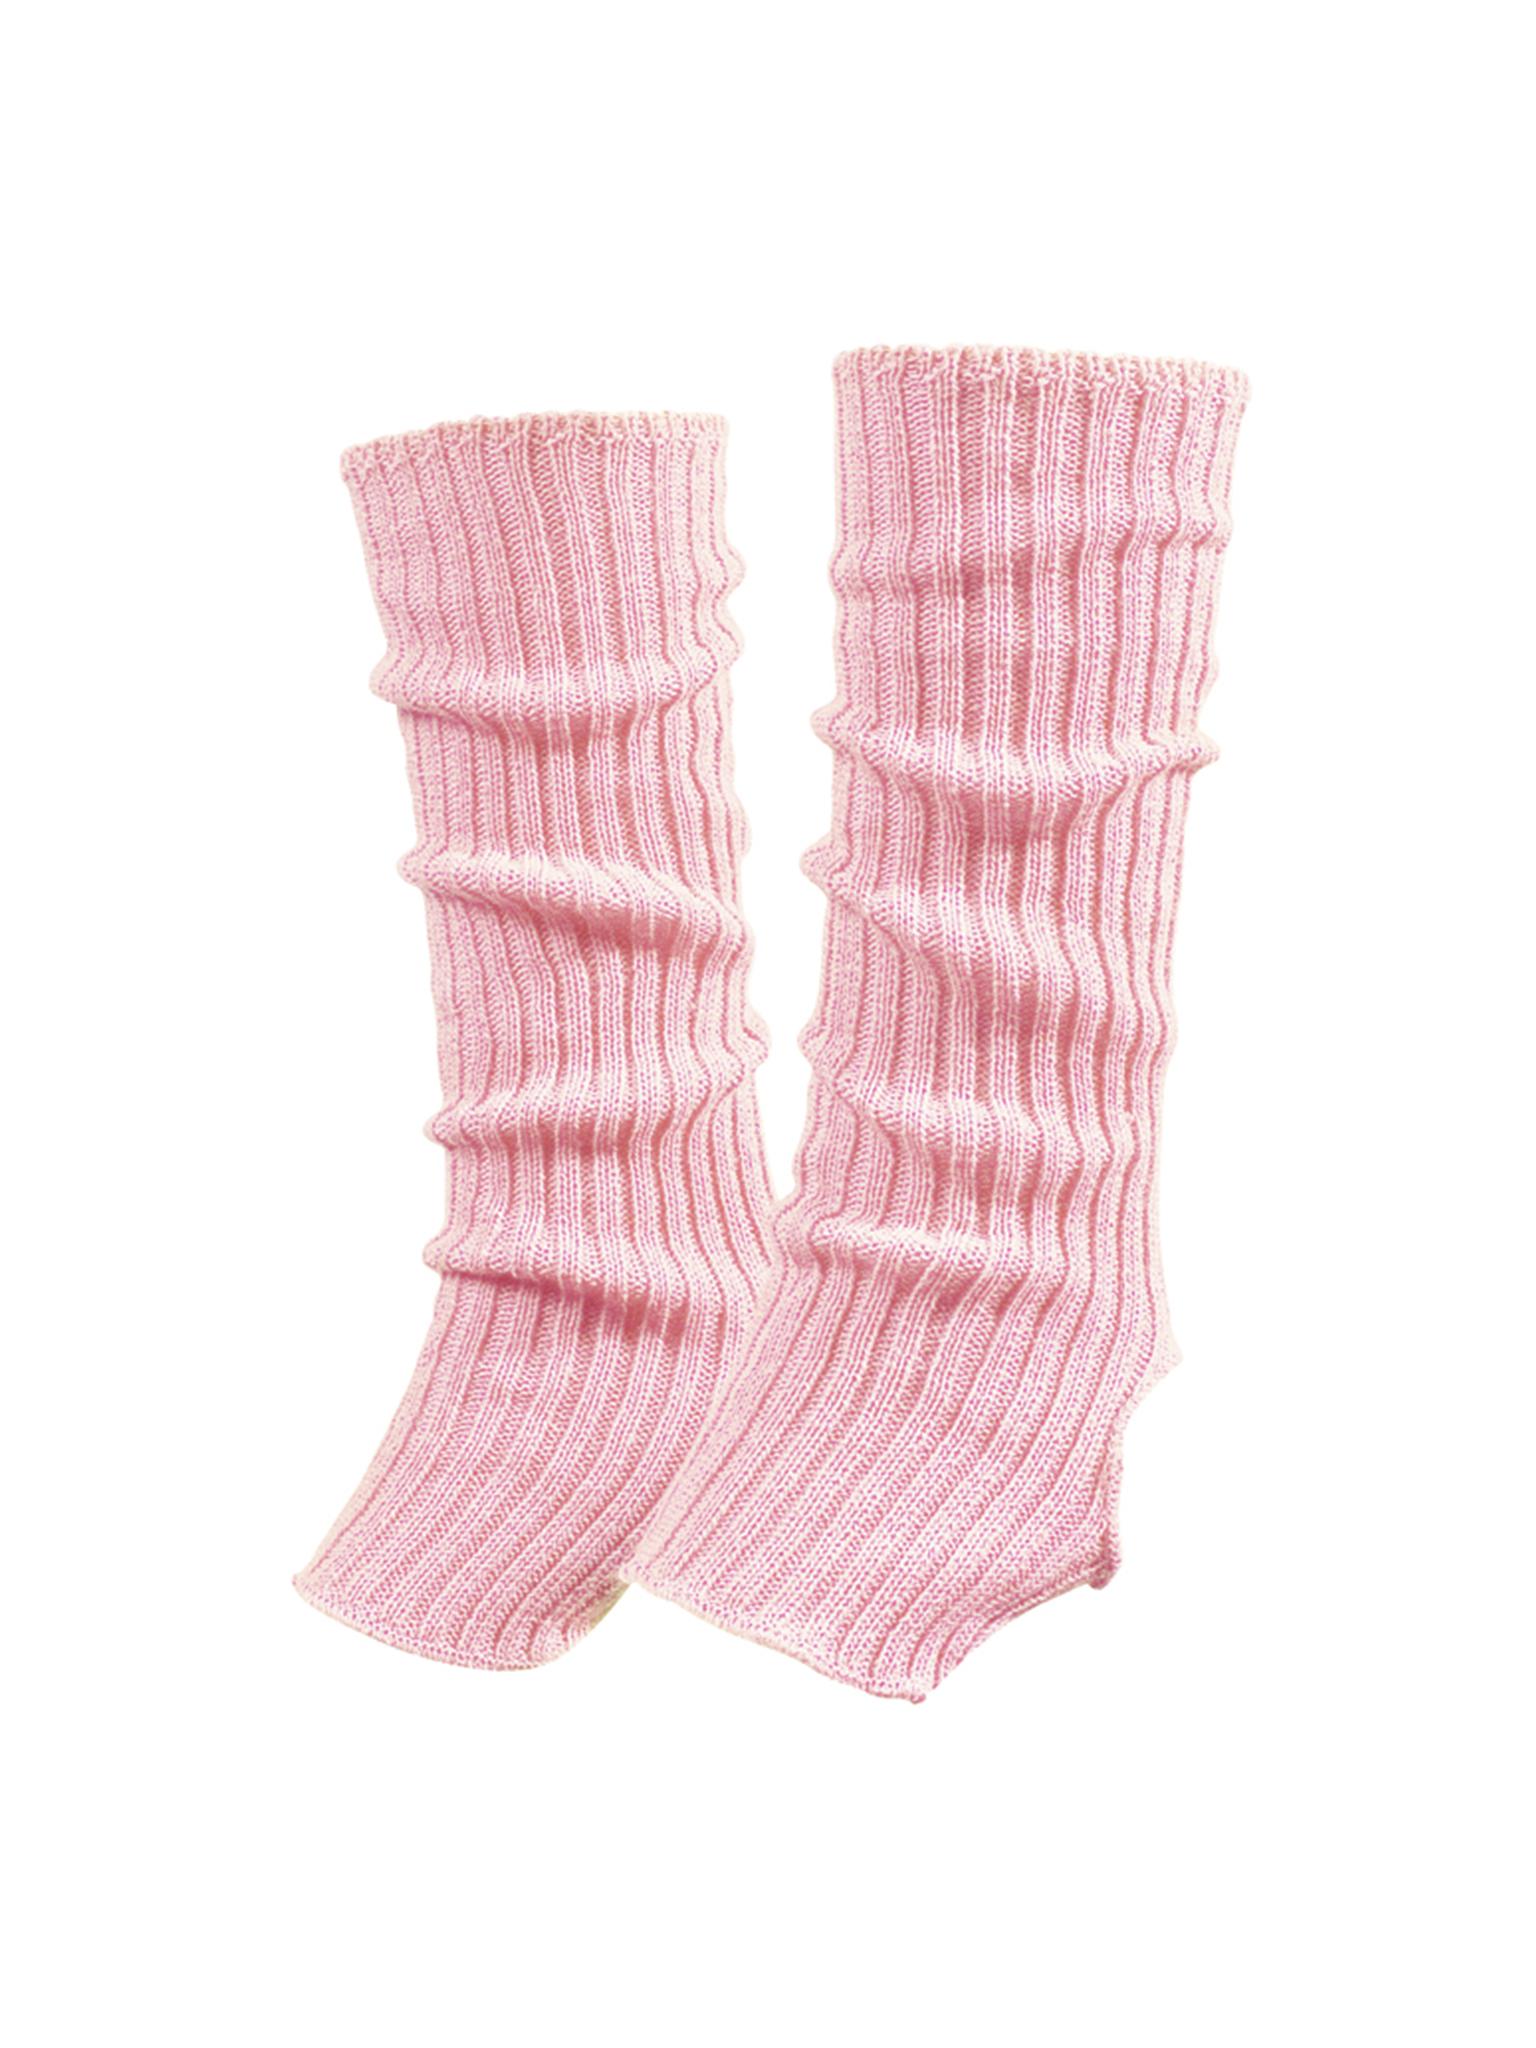 Image of   Papillon Ankle warmers længde 40 cm akryl Kvinder - Pink - One størrelse